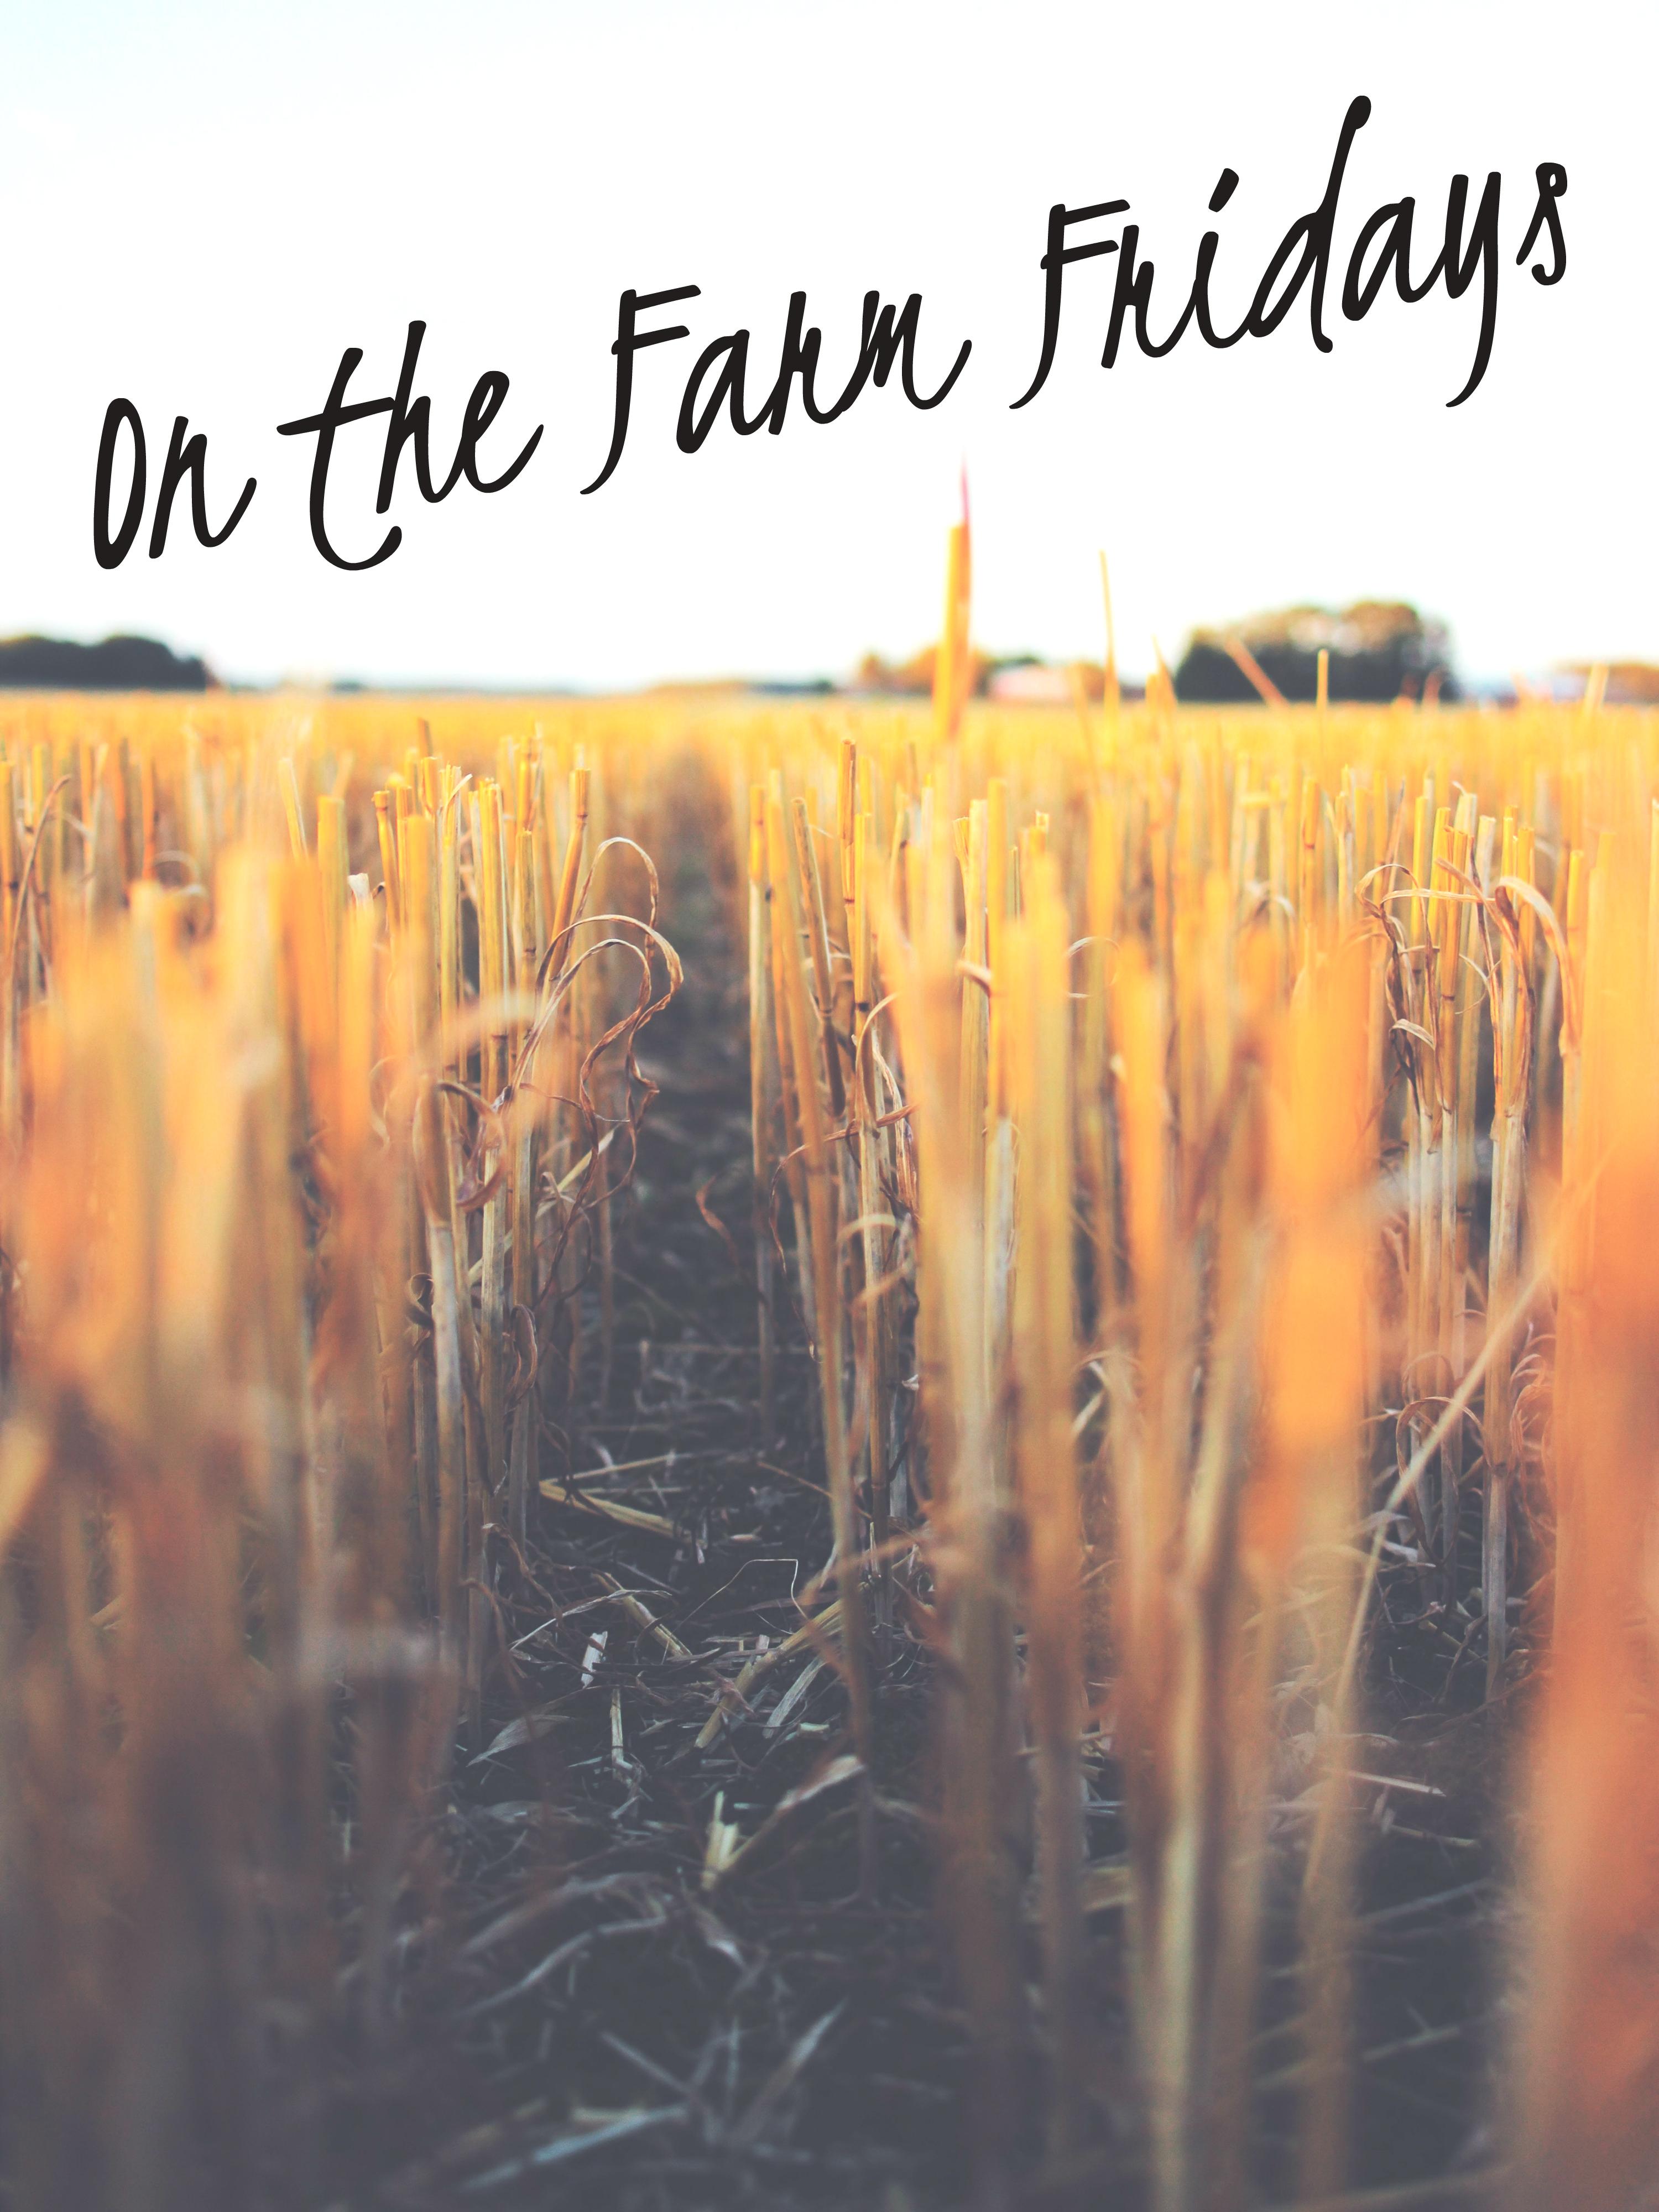 On The Farm Fridays